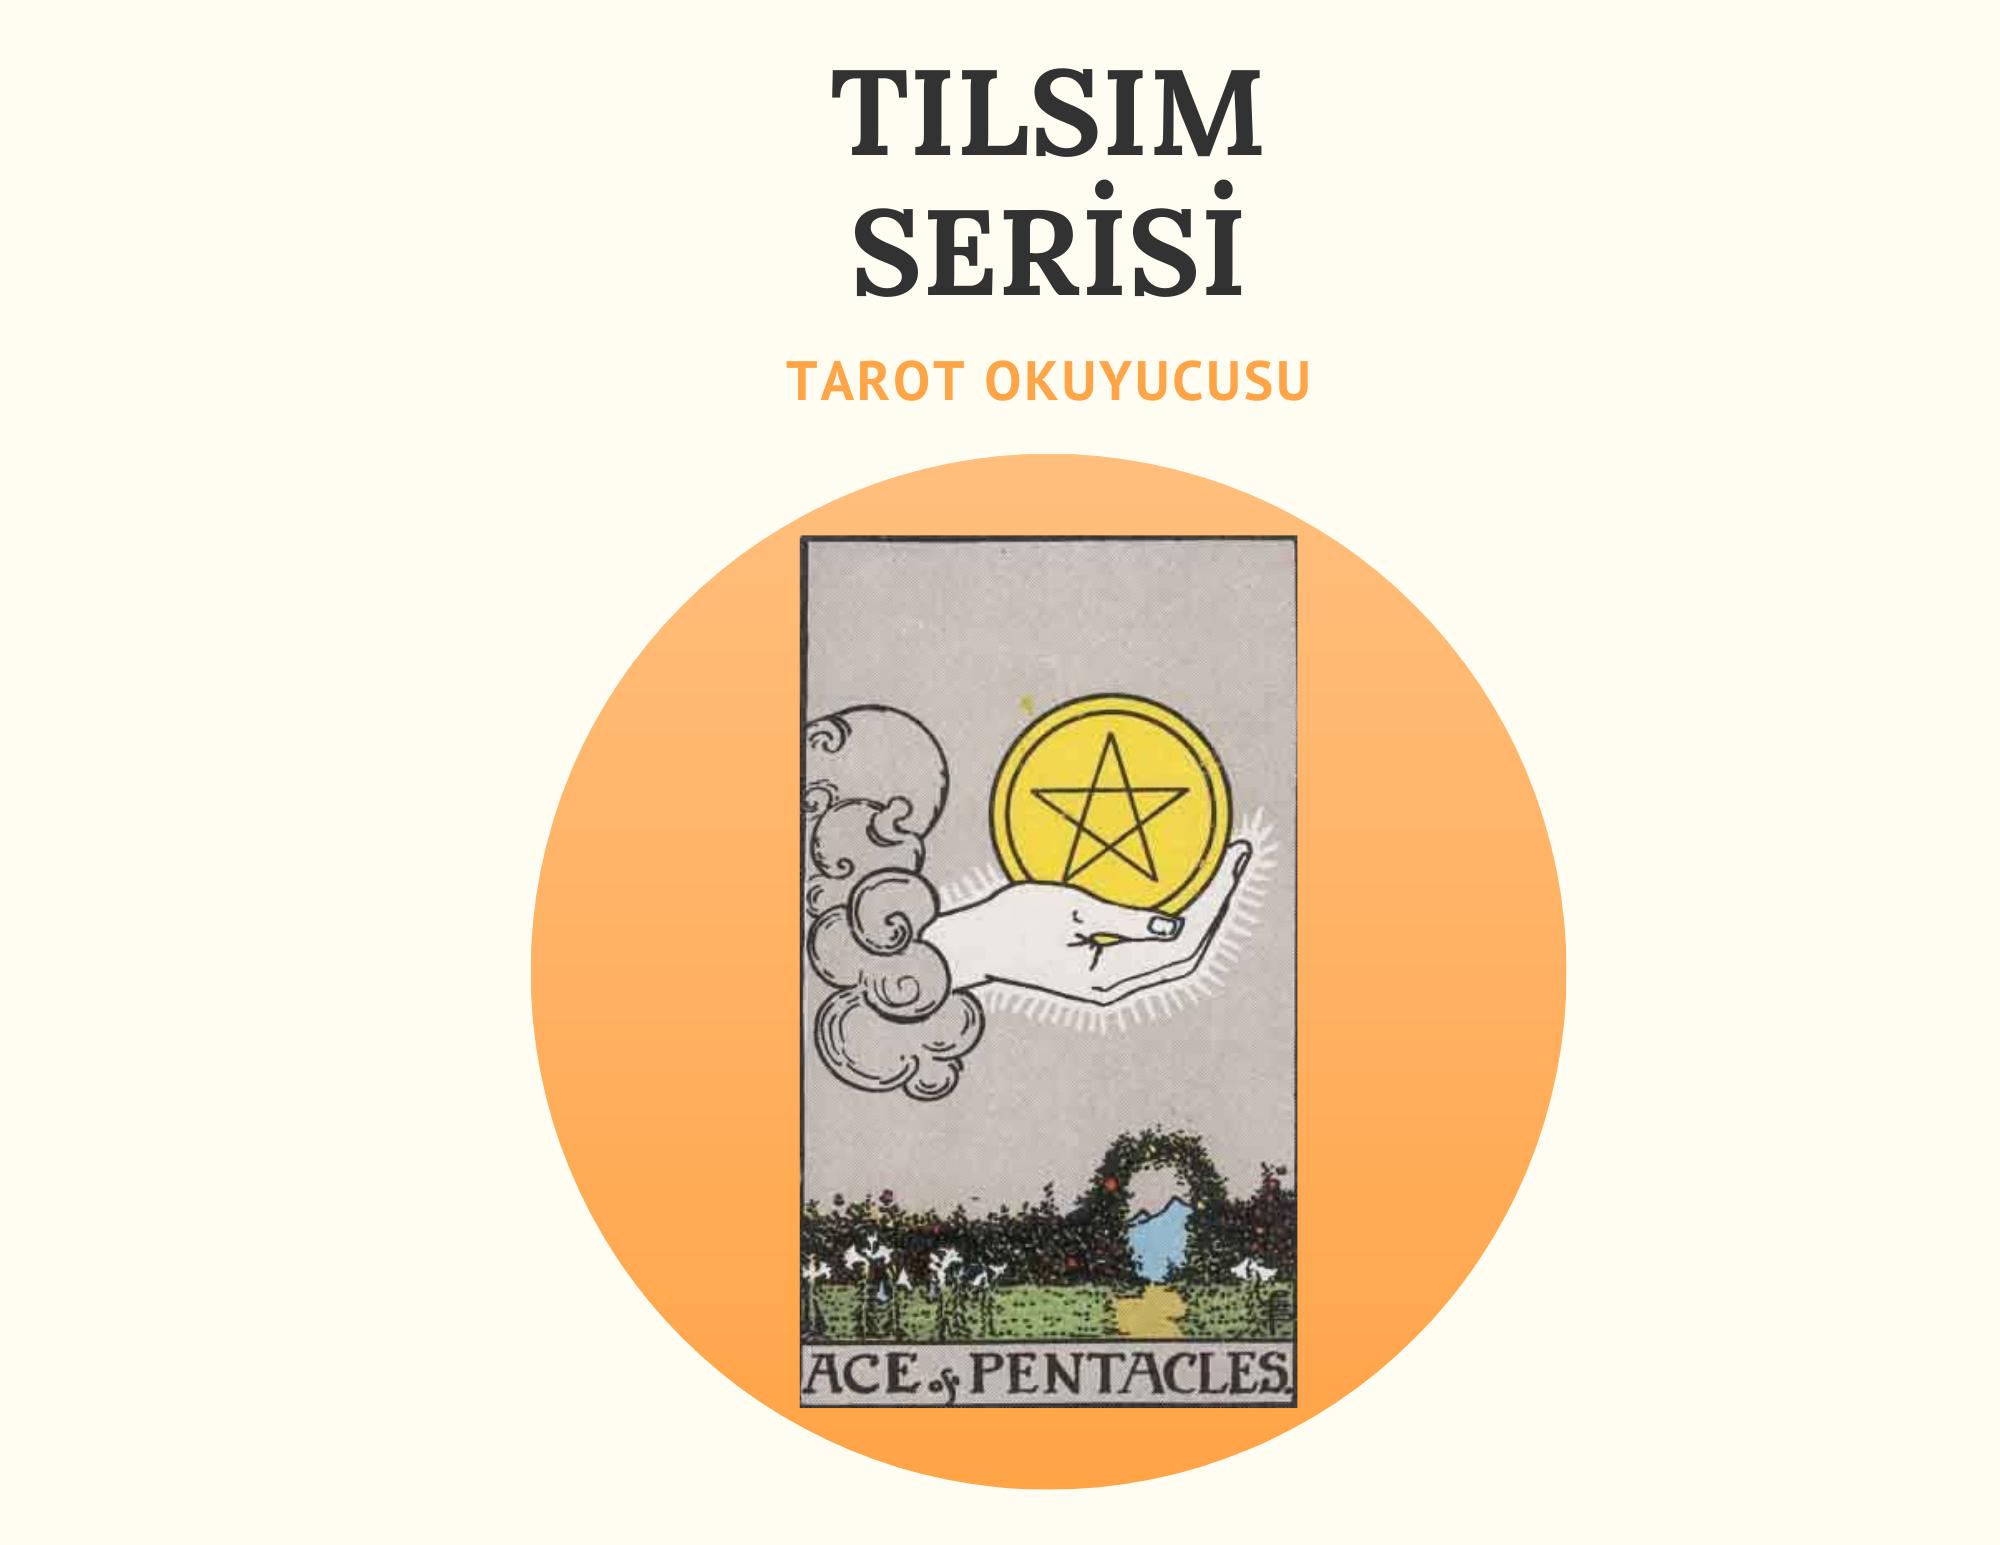 TILSIM - PARA SERİSİ TAROT KARTLARI DETAYLI ANLATIMI TAROT OKUYUCUSU